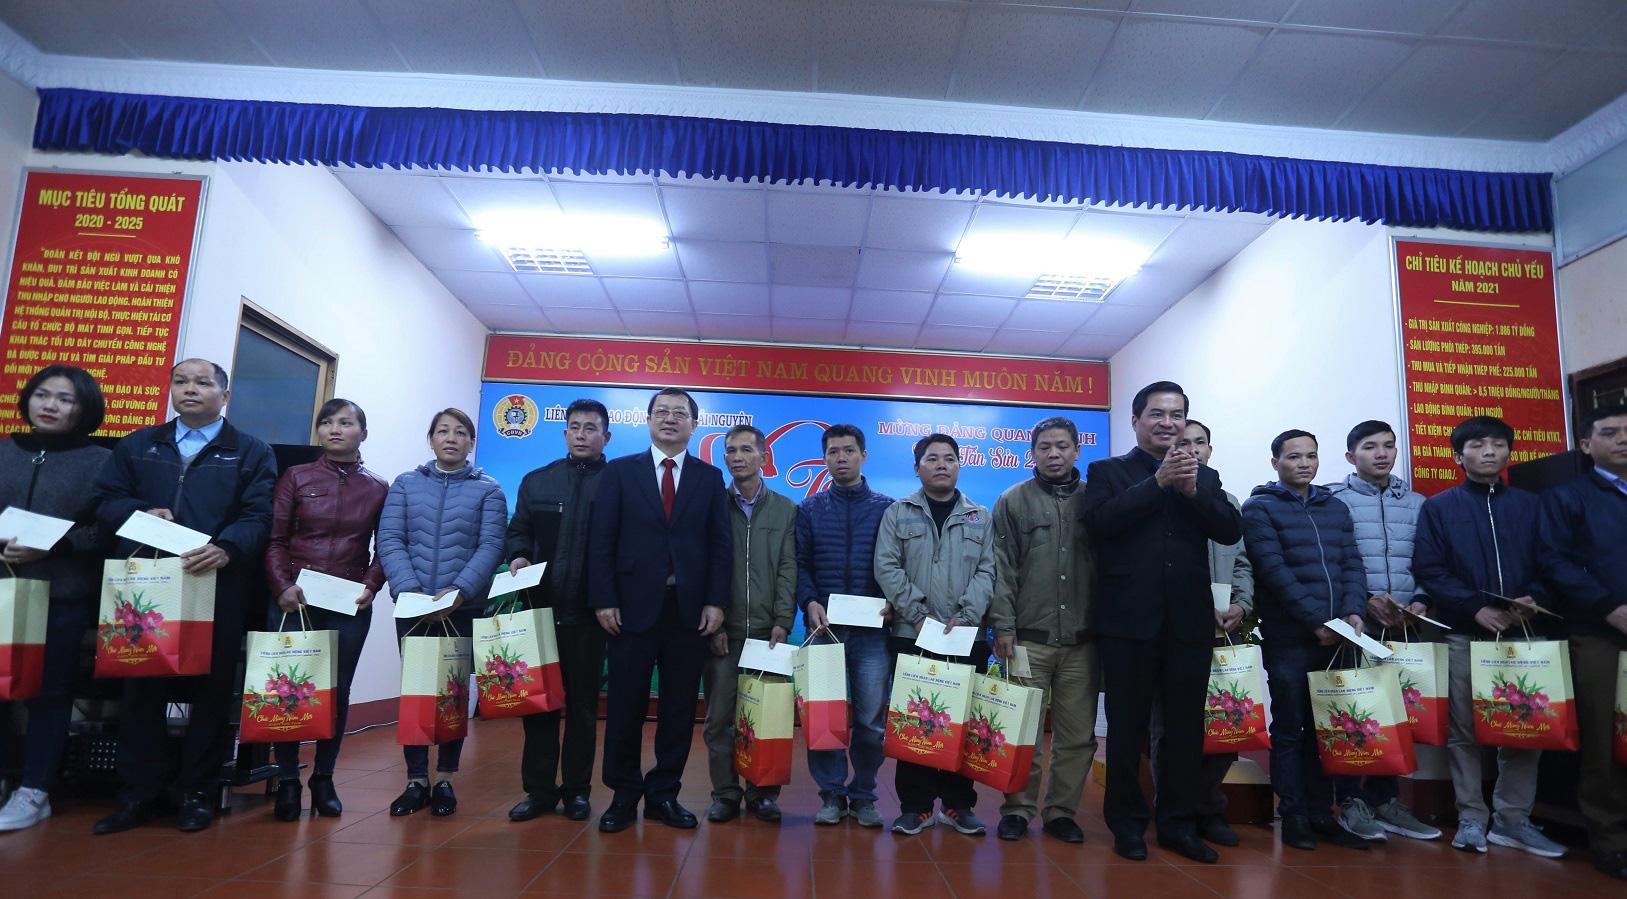 Bộ trưởng Bộ Khoa học và Công nghệ làm việc tại tỉnh Thái Nguyên - Ảnh 5.